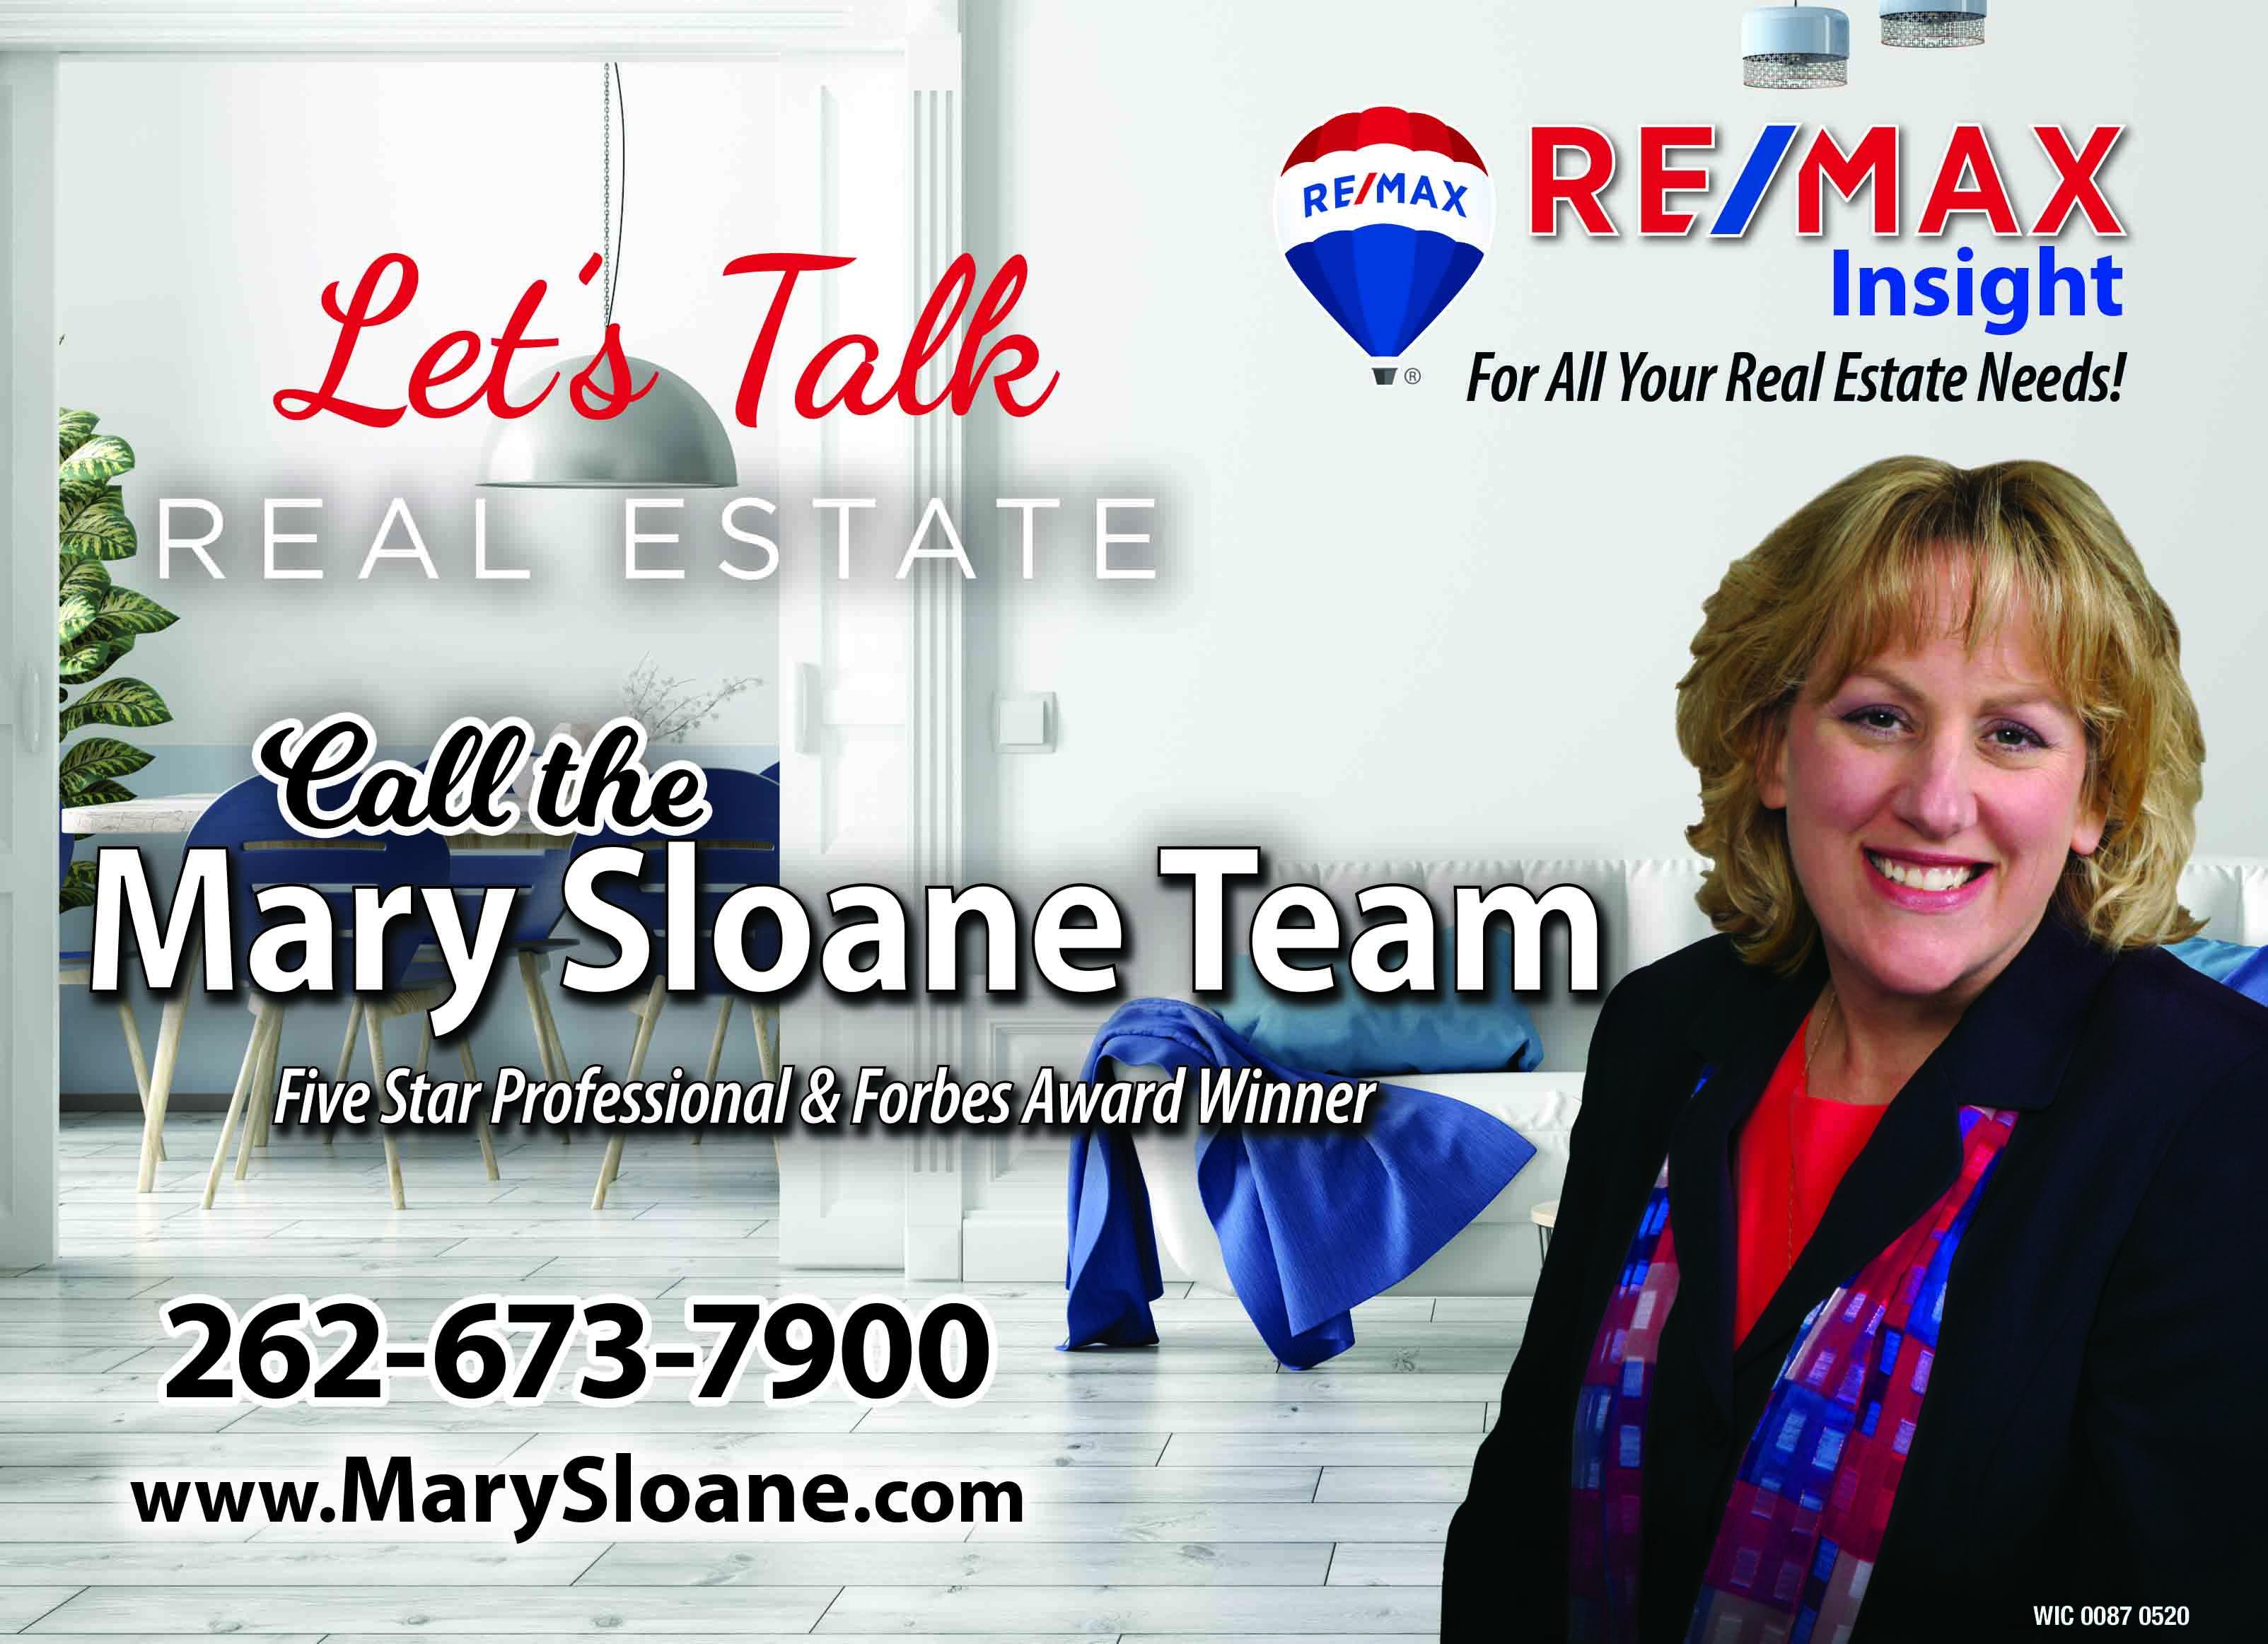 Mary Sloane